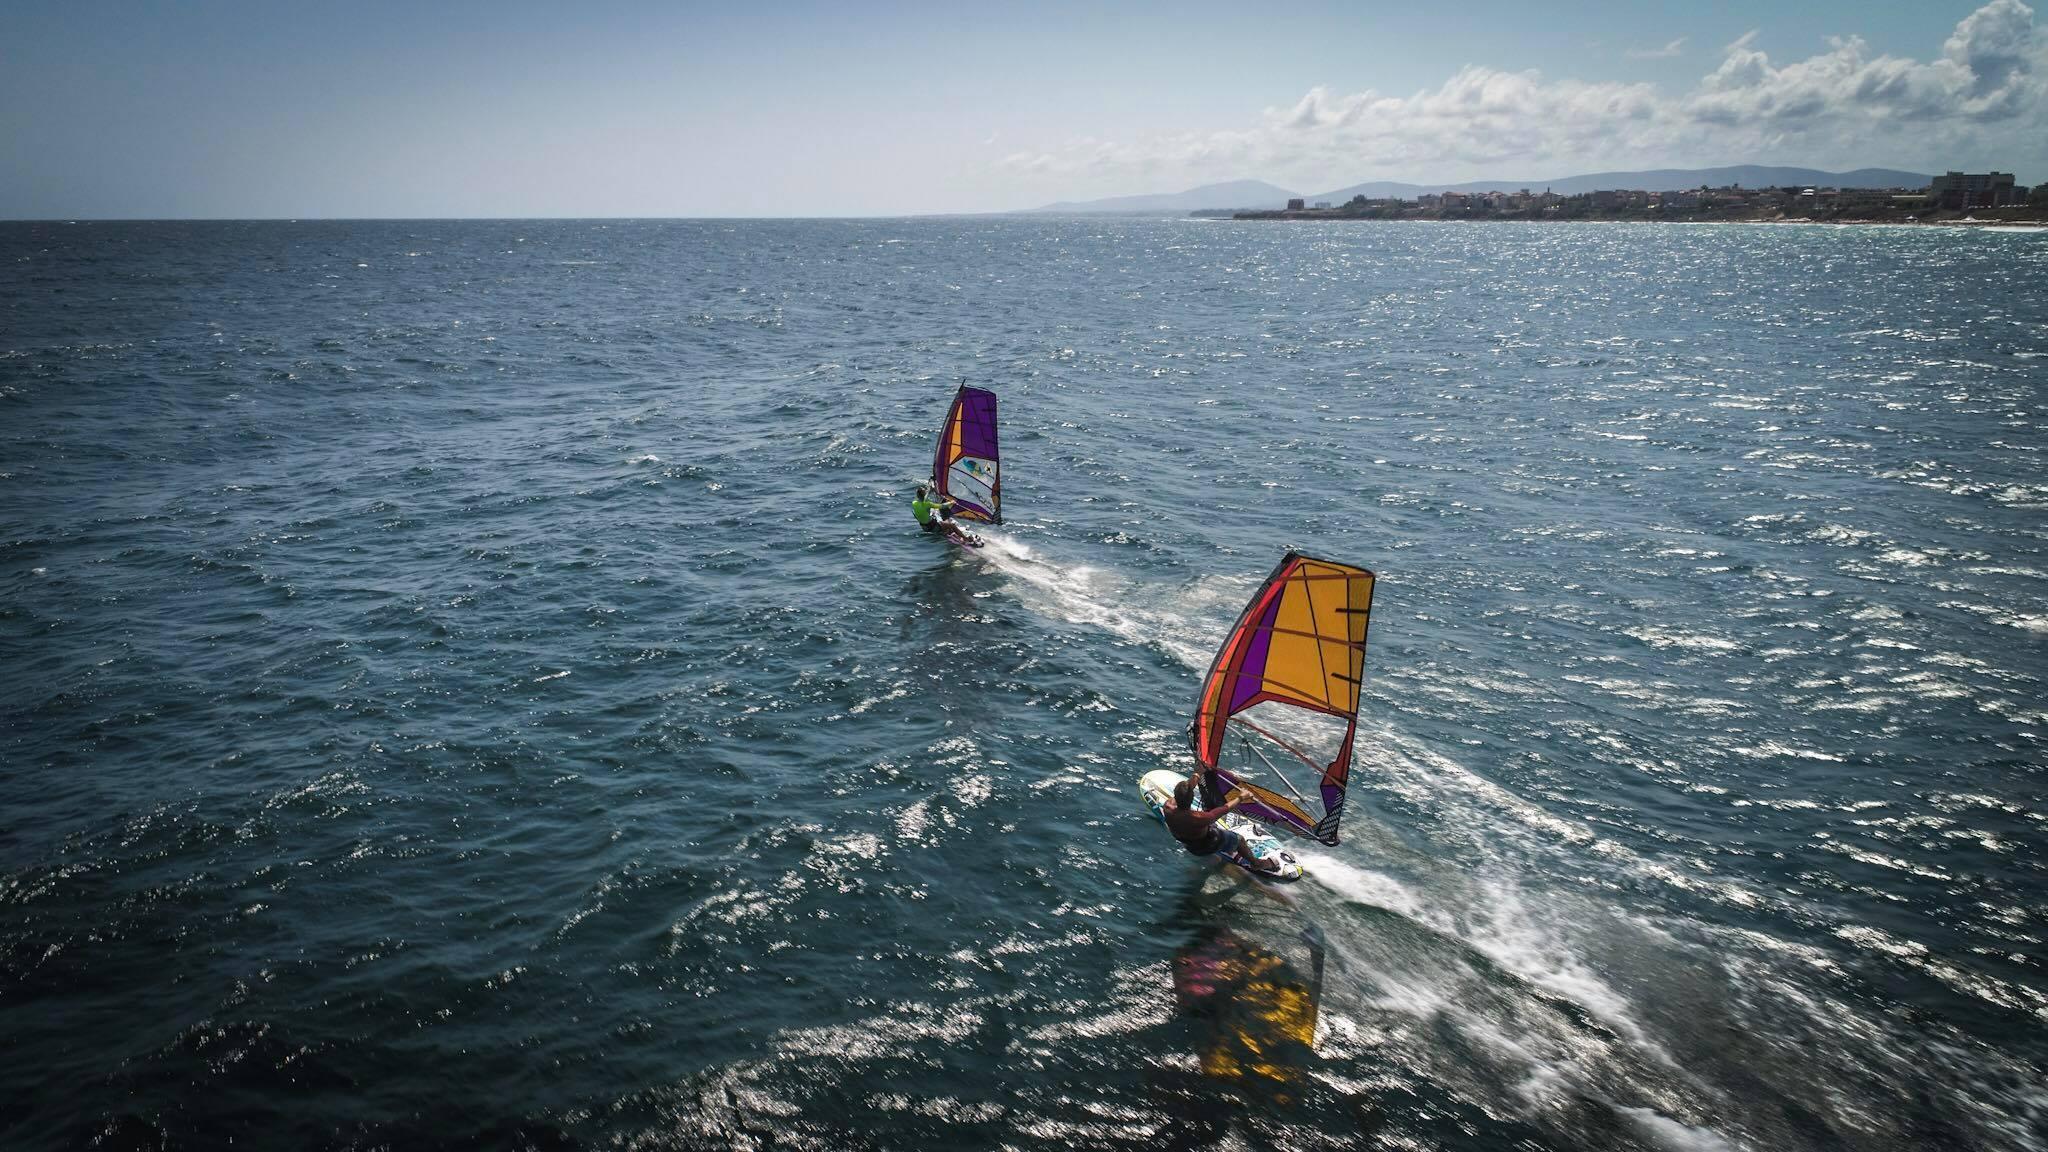 След месеци очакване и подготовка, е време морското предизвикателство WIND2WIN